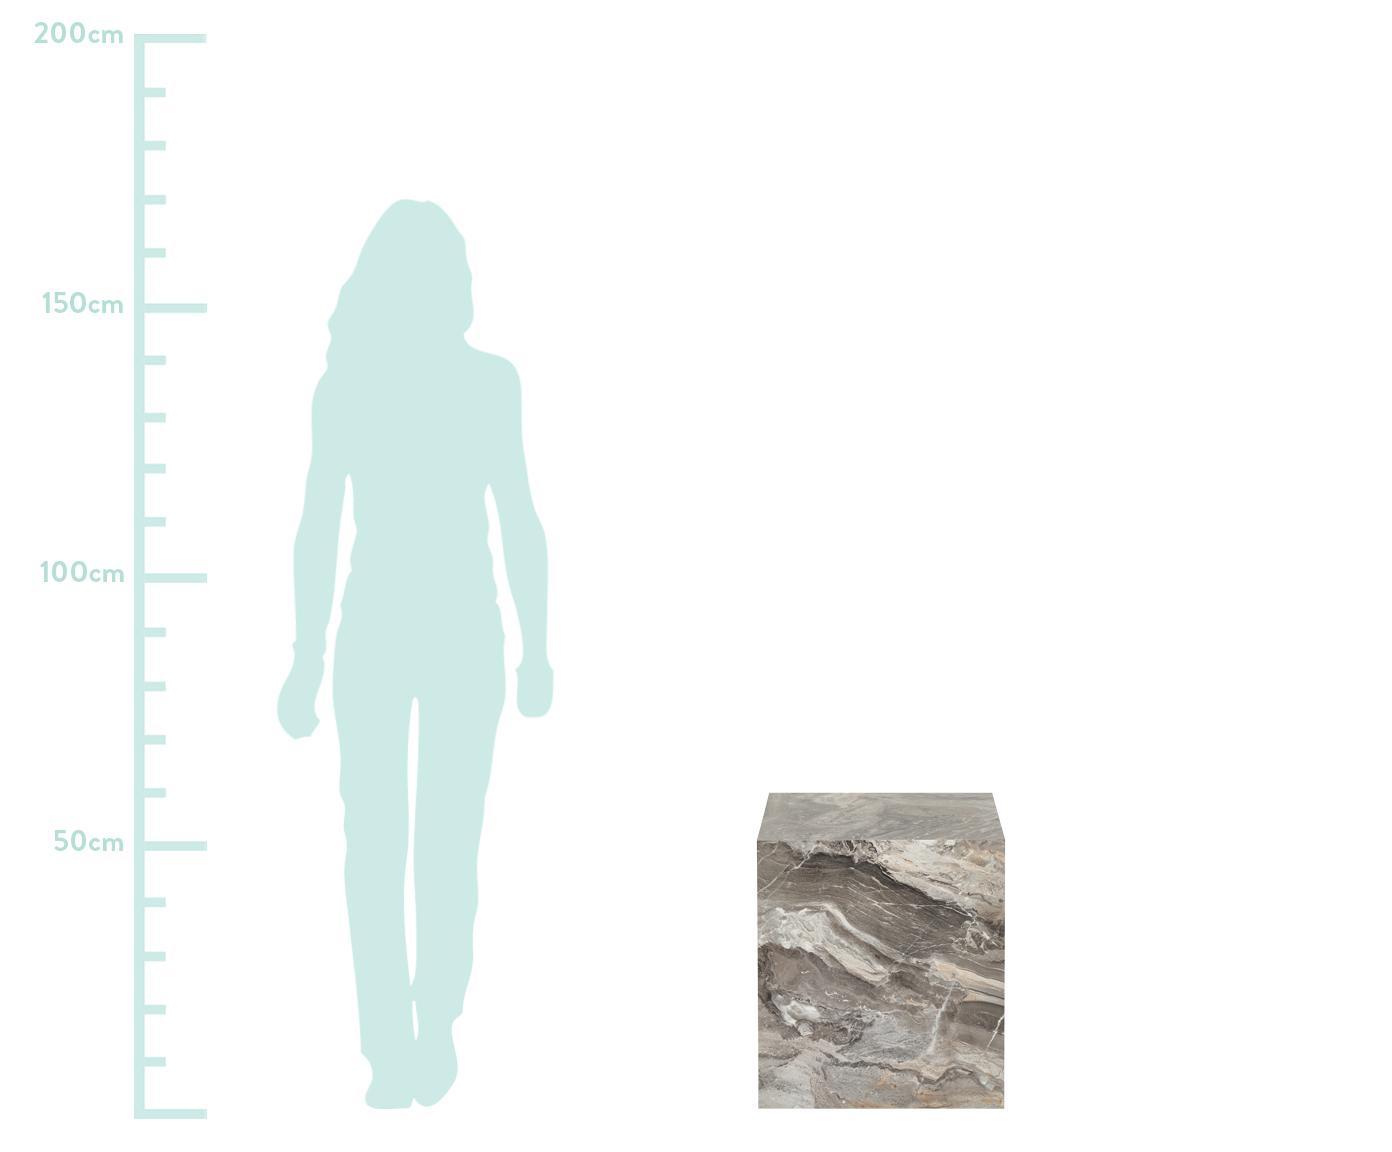 Tavolino Lesley, Pannello di fibra a media densità (MDF) rivestito con foglio di melamina, Grigio marmorizzato, Larg. 45 x Alt. 50 cm